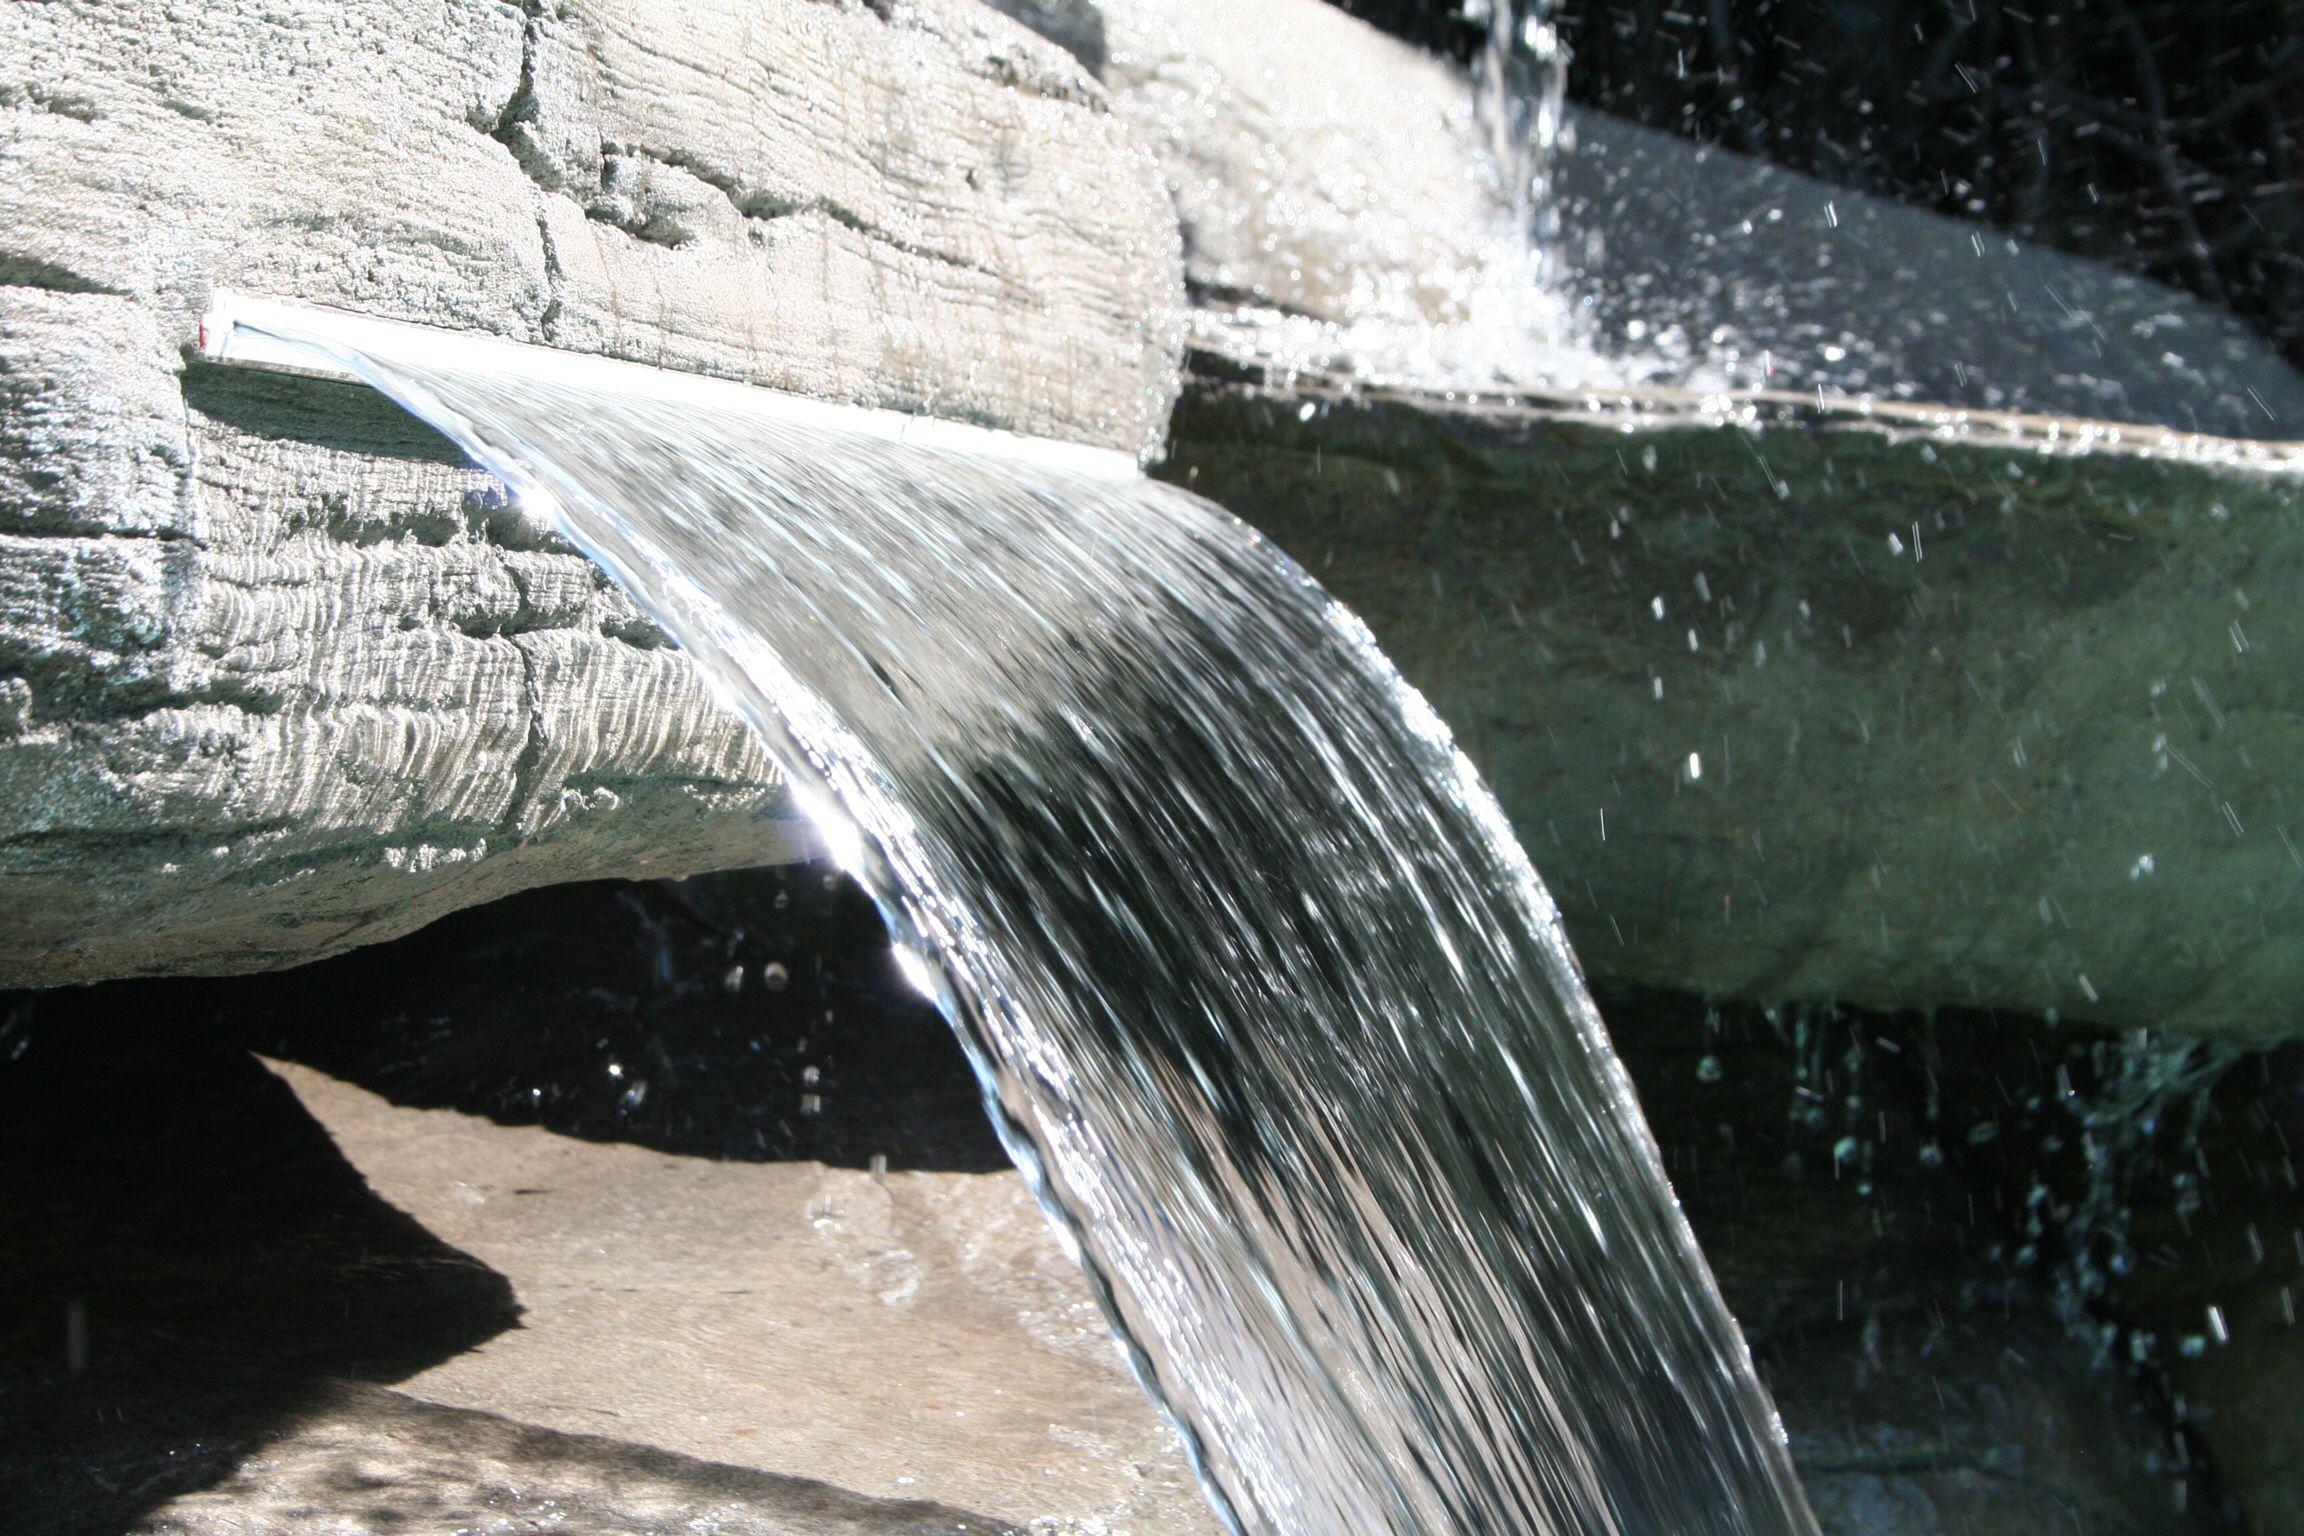 Detalle lengua de agua en cascada de ferrocemento piscina - Piscina tipo playa ...